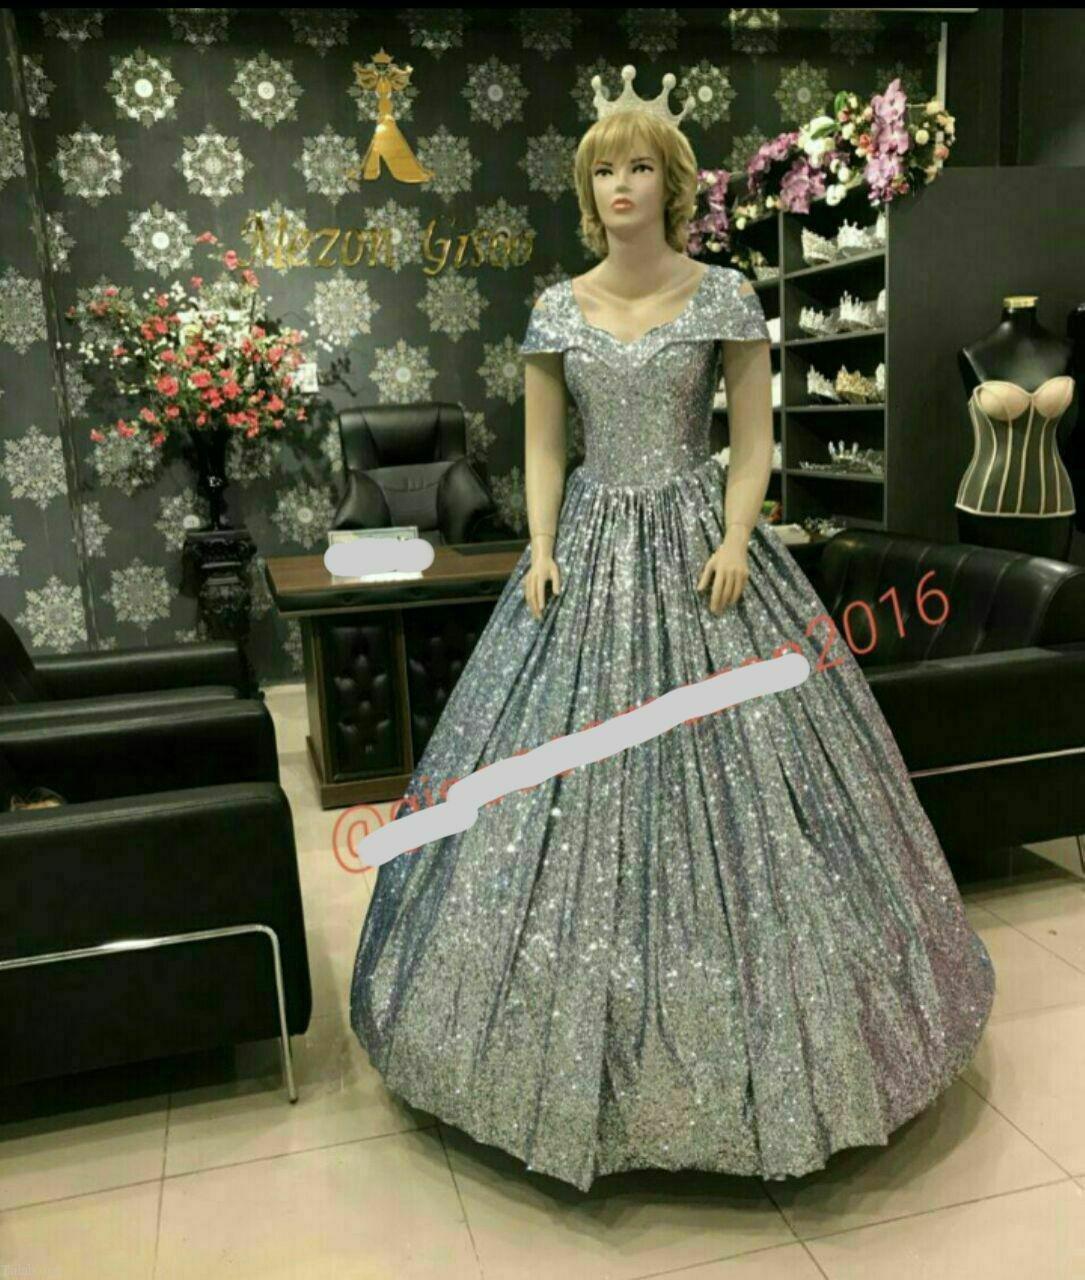 عکس مدل لباس شیک در اینستاگرام